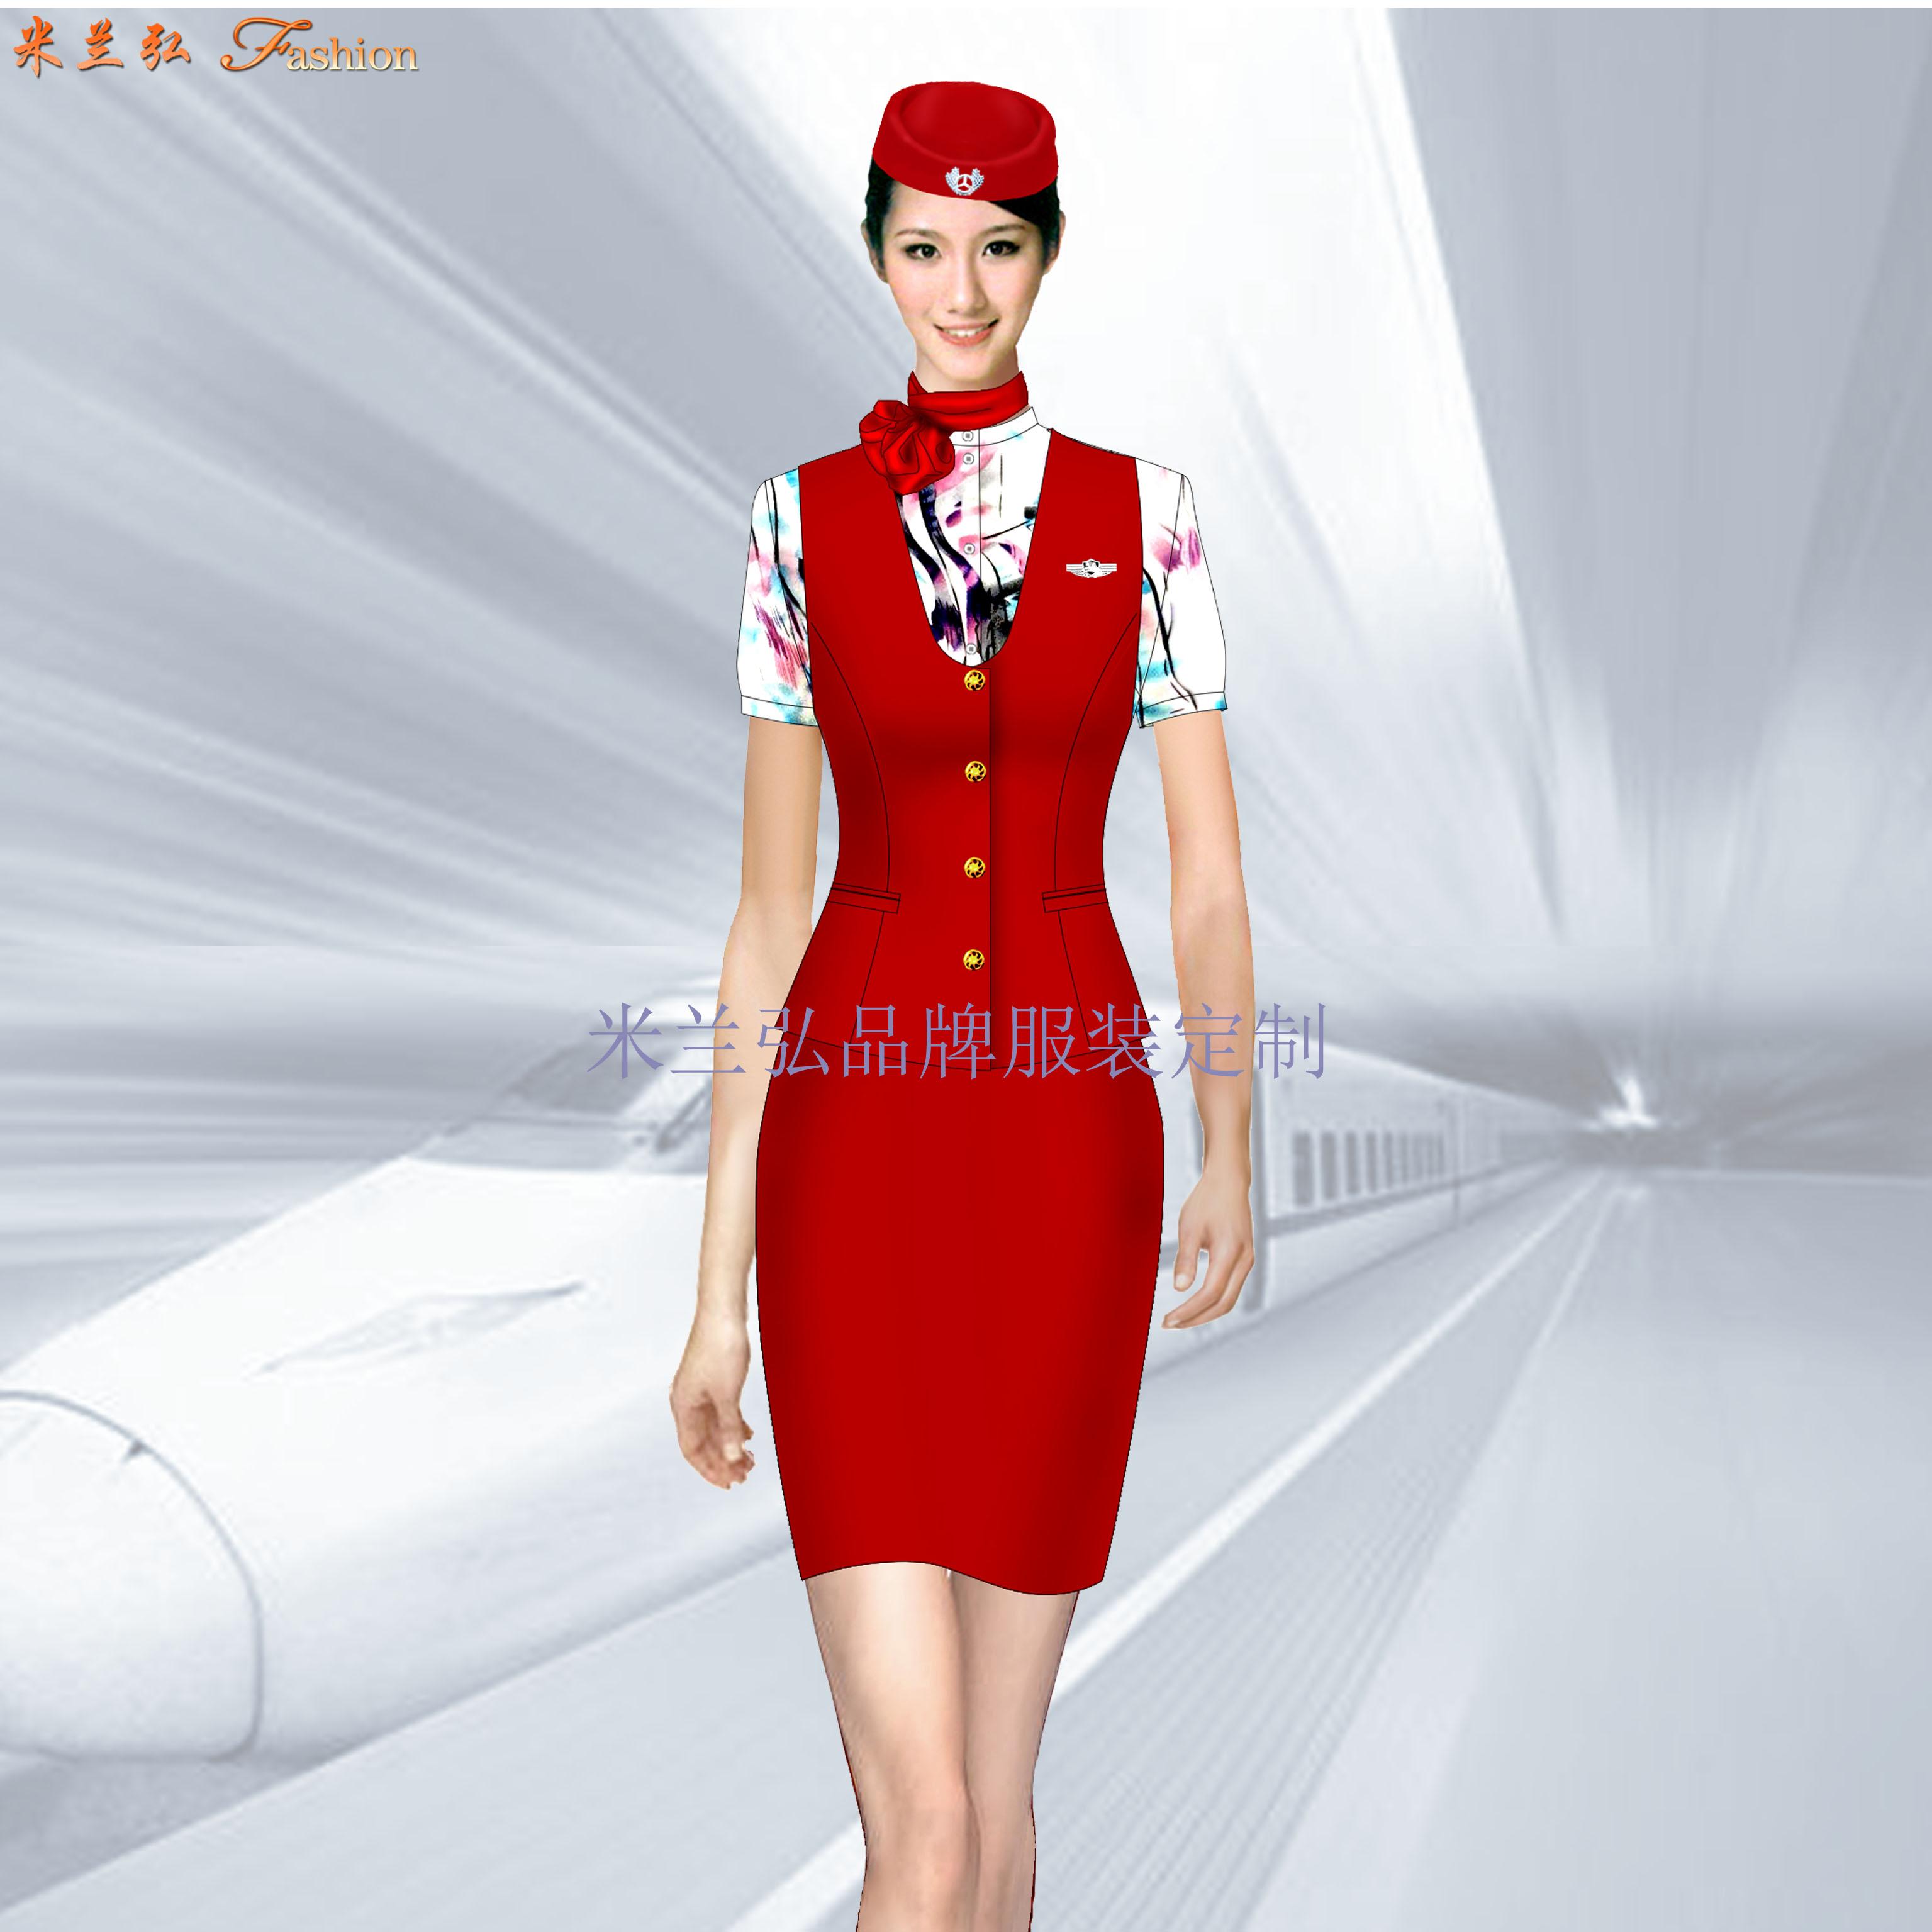 定做空姐服-專業訂制航空公司空姐服-米蘭弘服裝廠家-4